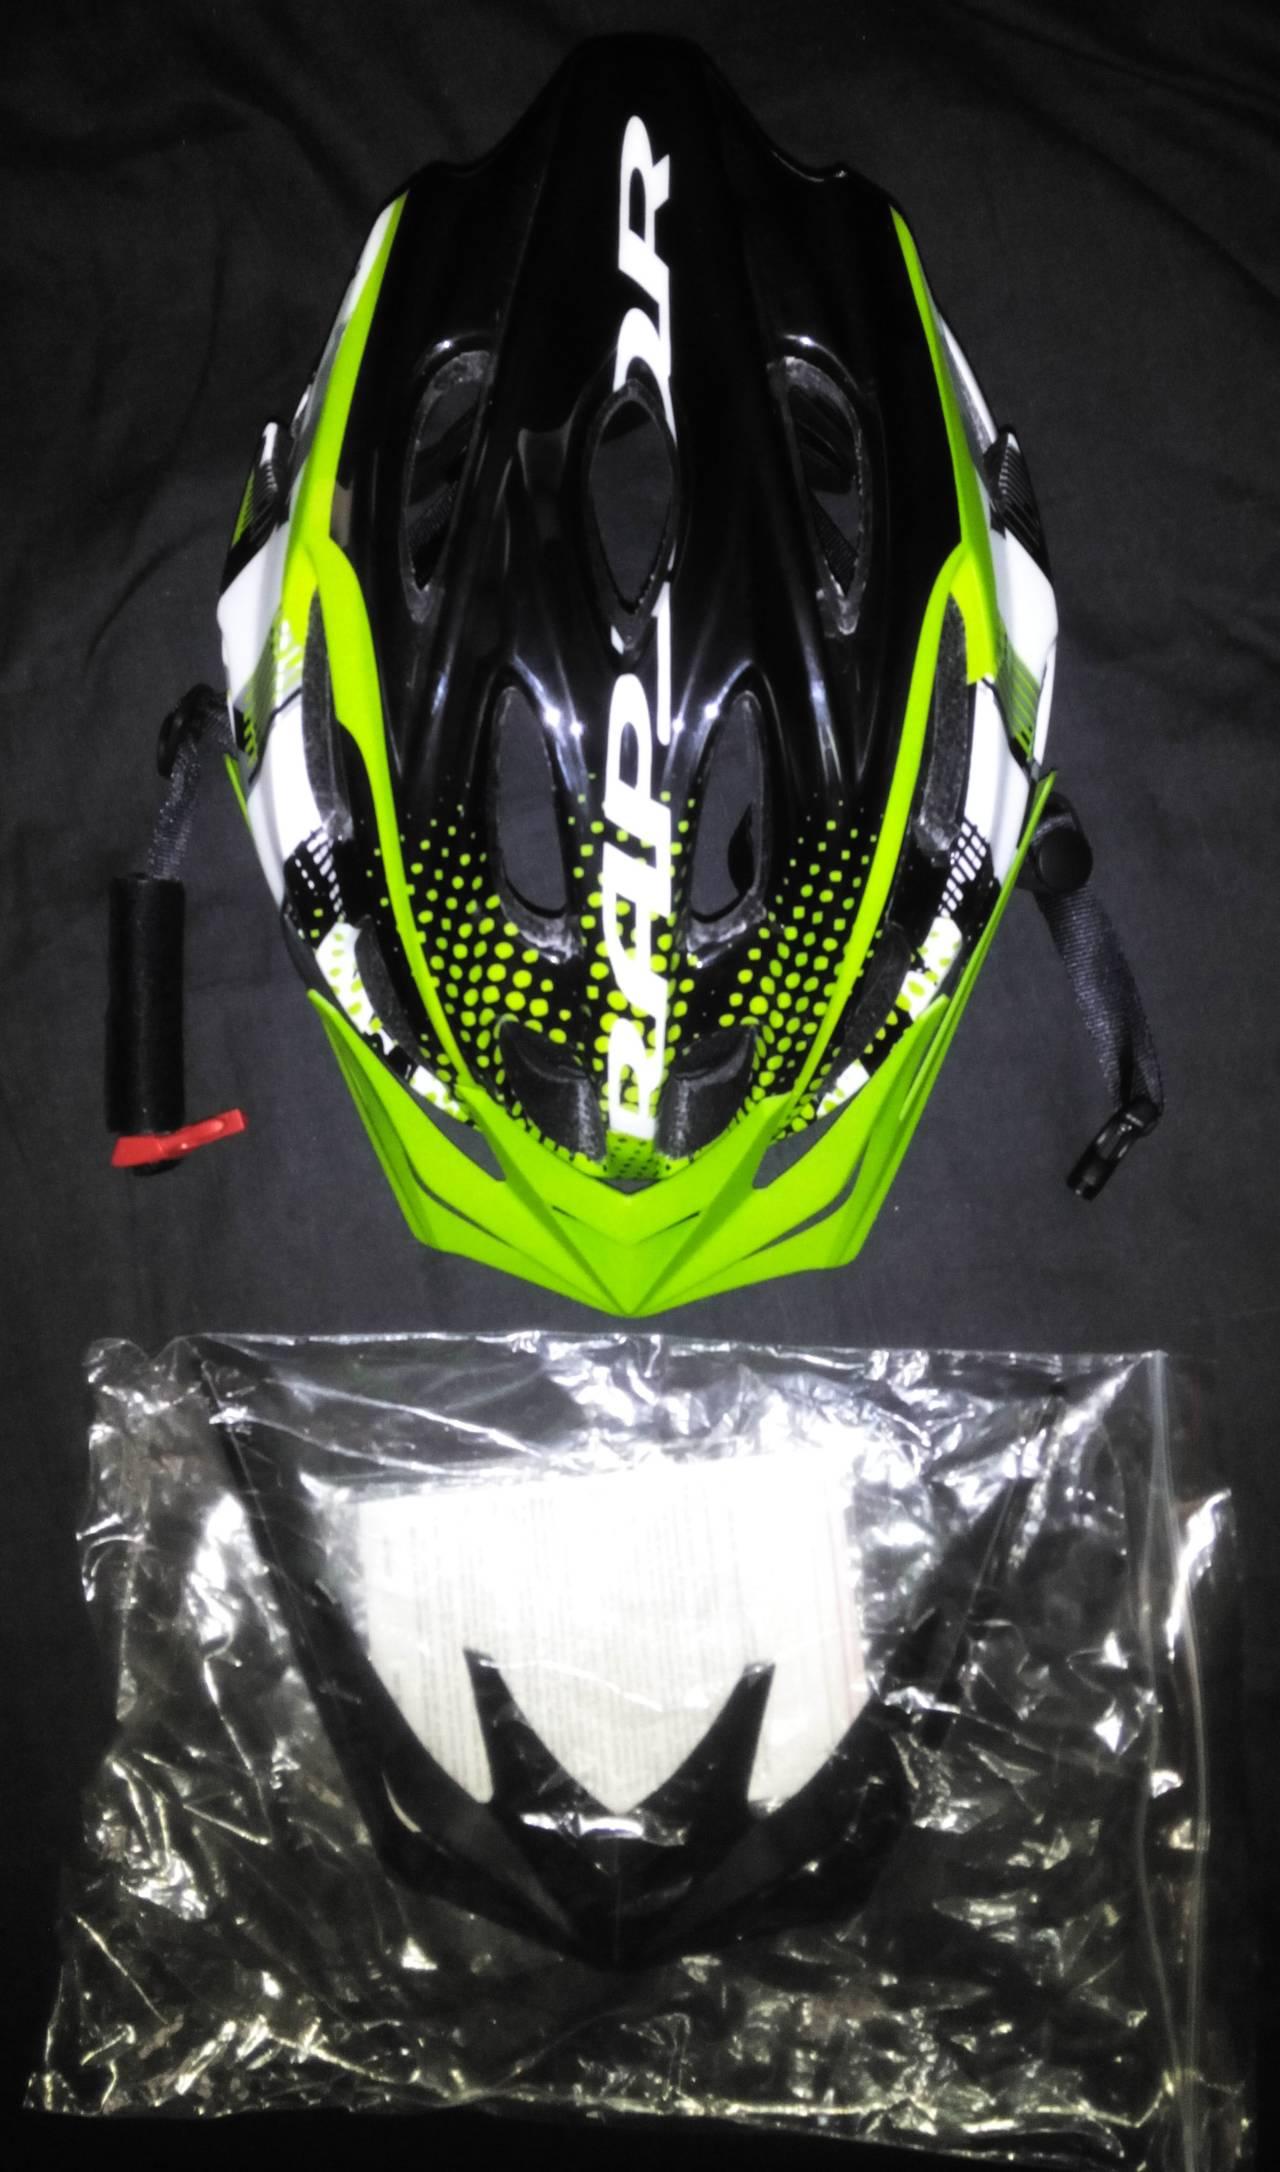 casco de bici marca ges  - Foto 1